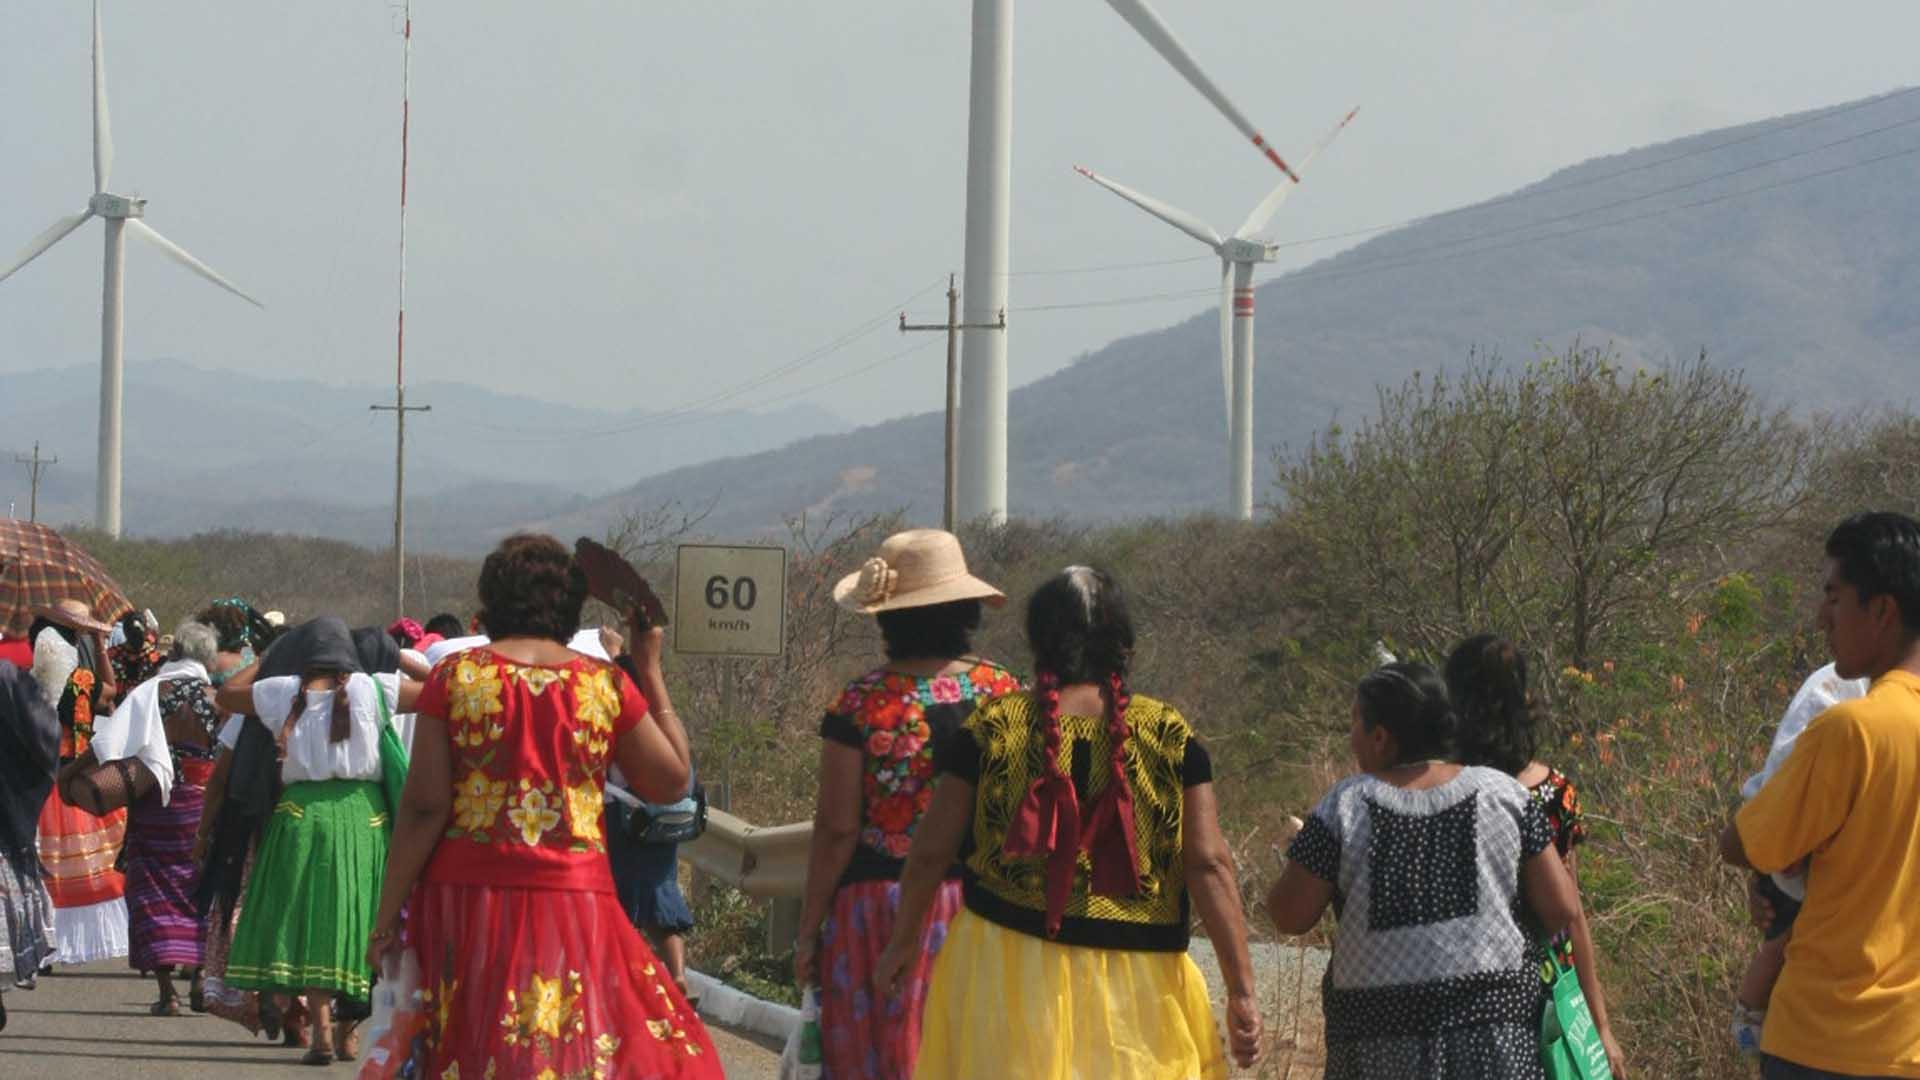 https://www.evwind.com/wp-content/uploads/2013/04/M%C3%A9xico-e%C3%B3lica-Oaxaca.jpg